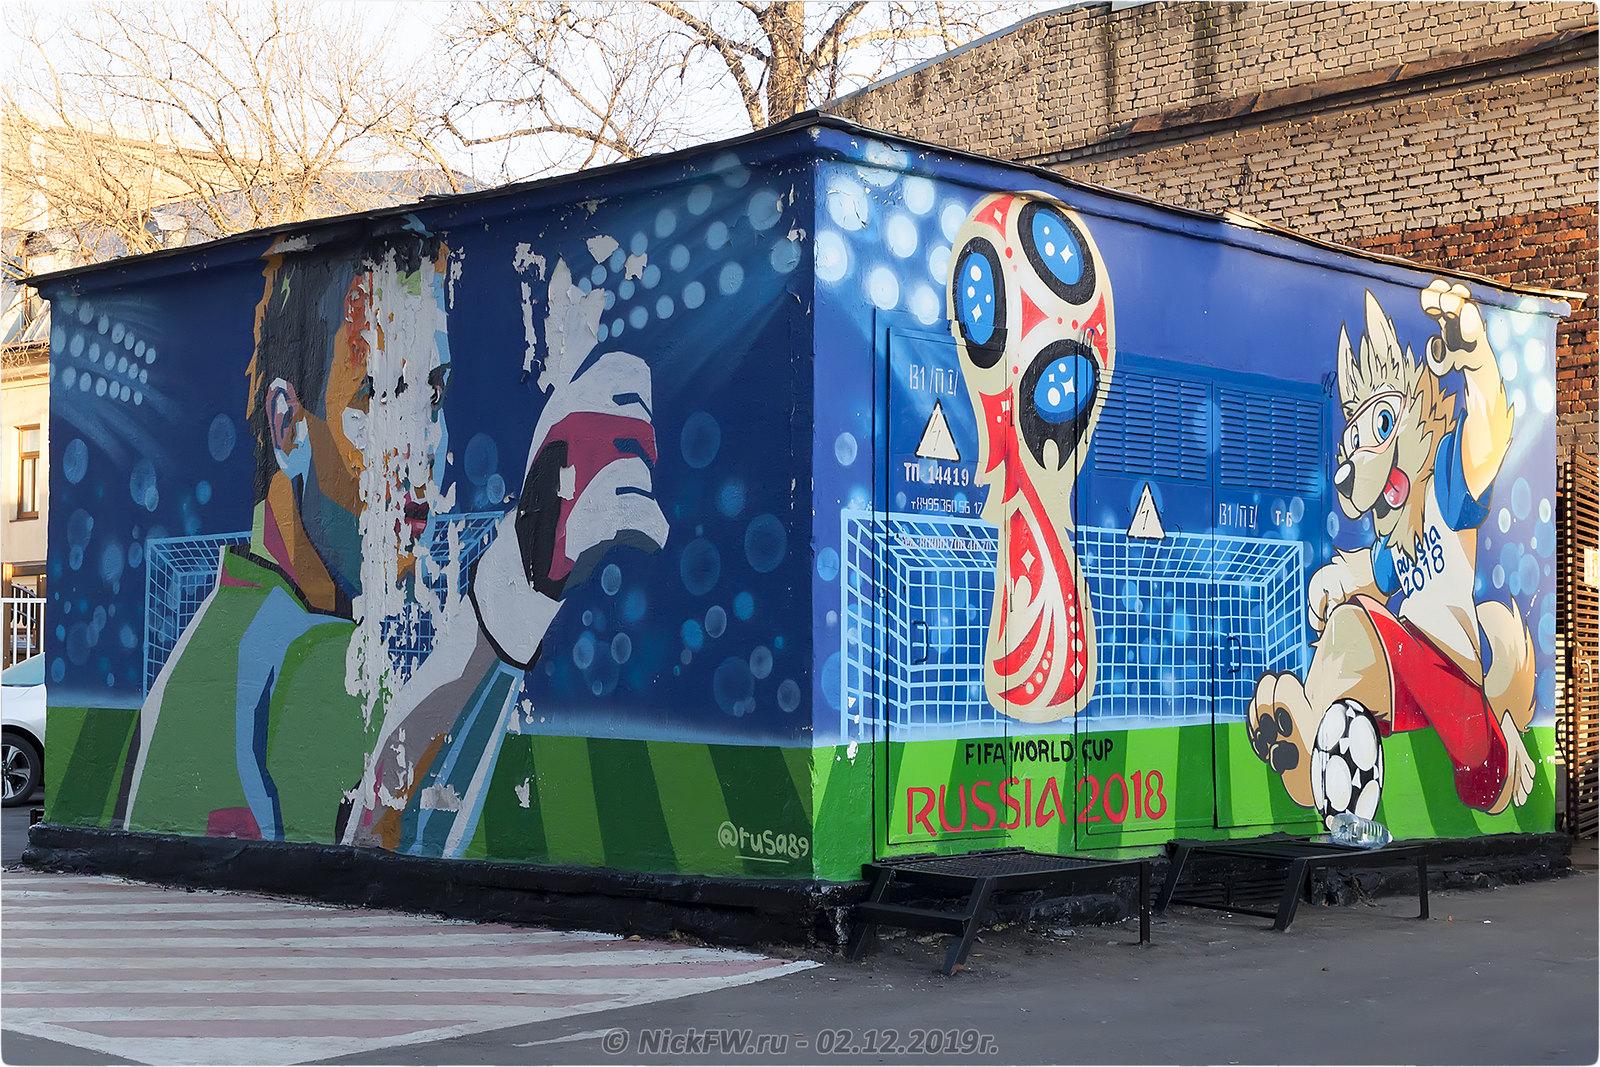 2. Футбольные граффити © NickFW.ru - 02.12.2019г.